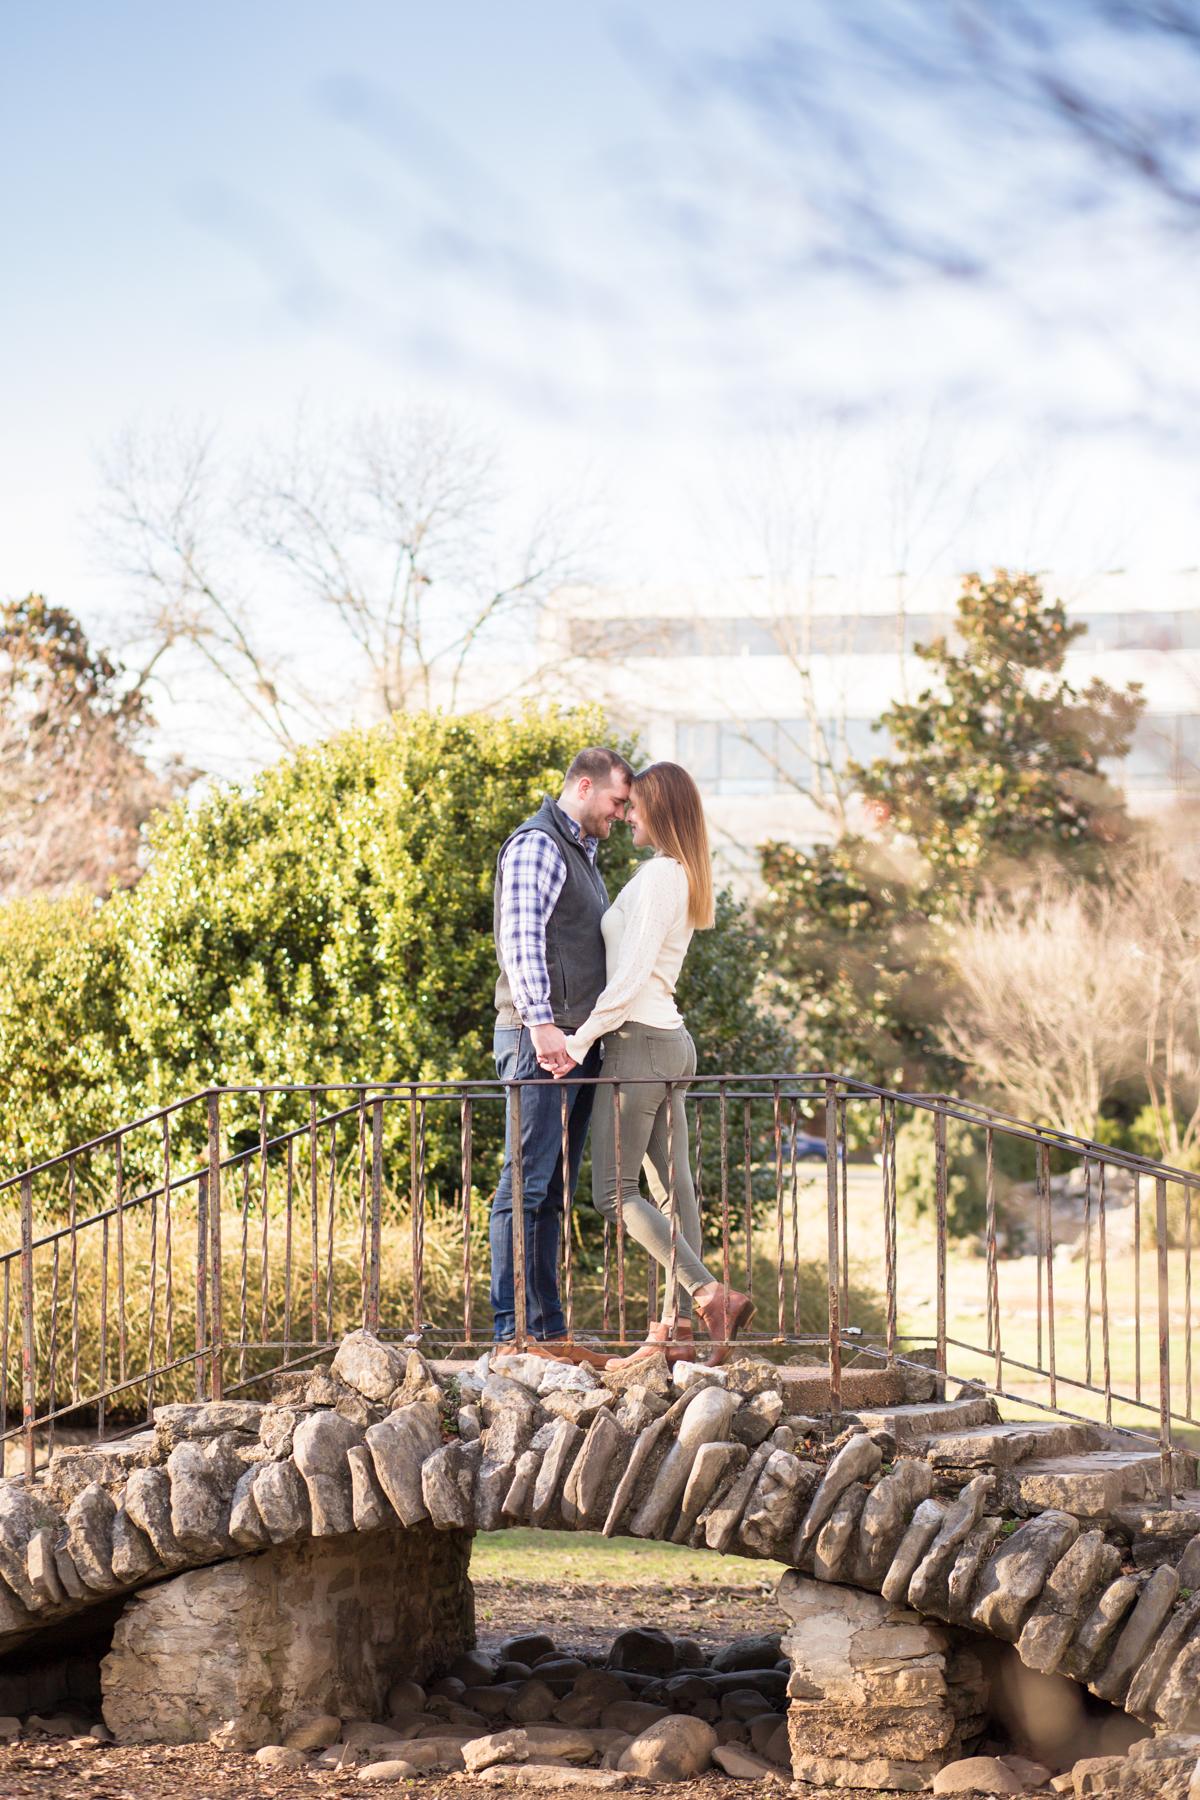 Lauren-and-Grant-Engagement-Centennial-Park-Nashville-Sneak-Peak-0018.jpg